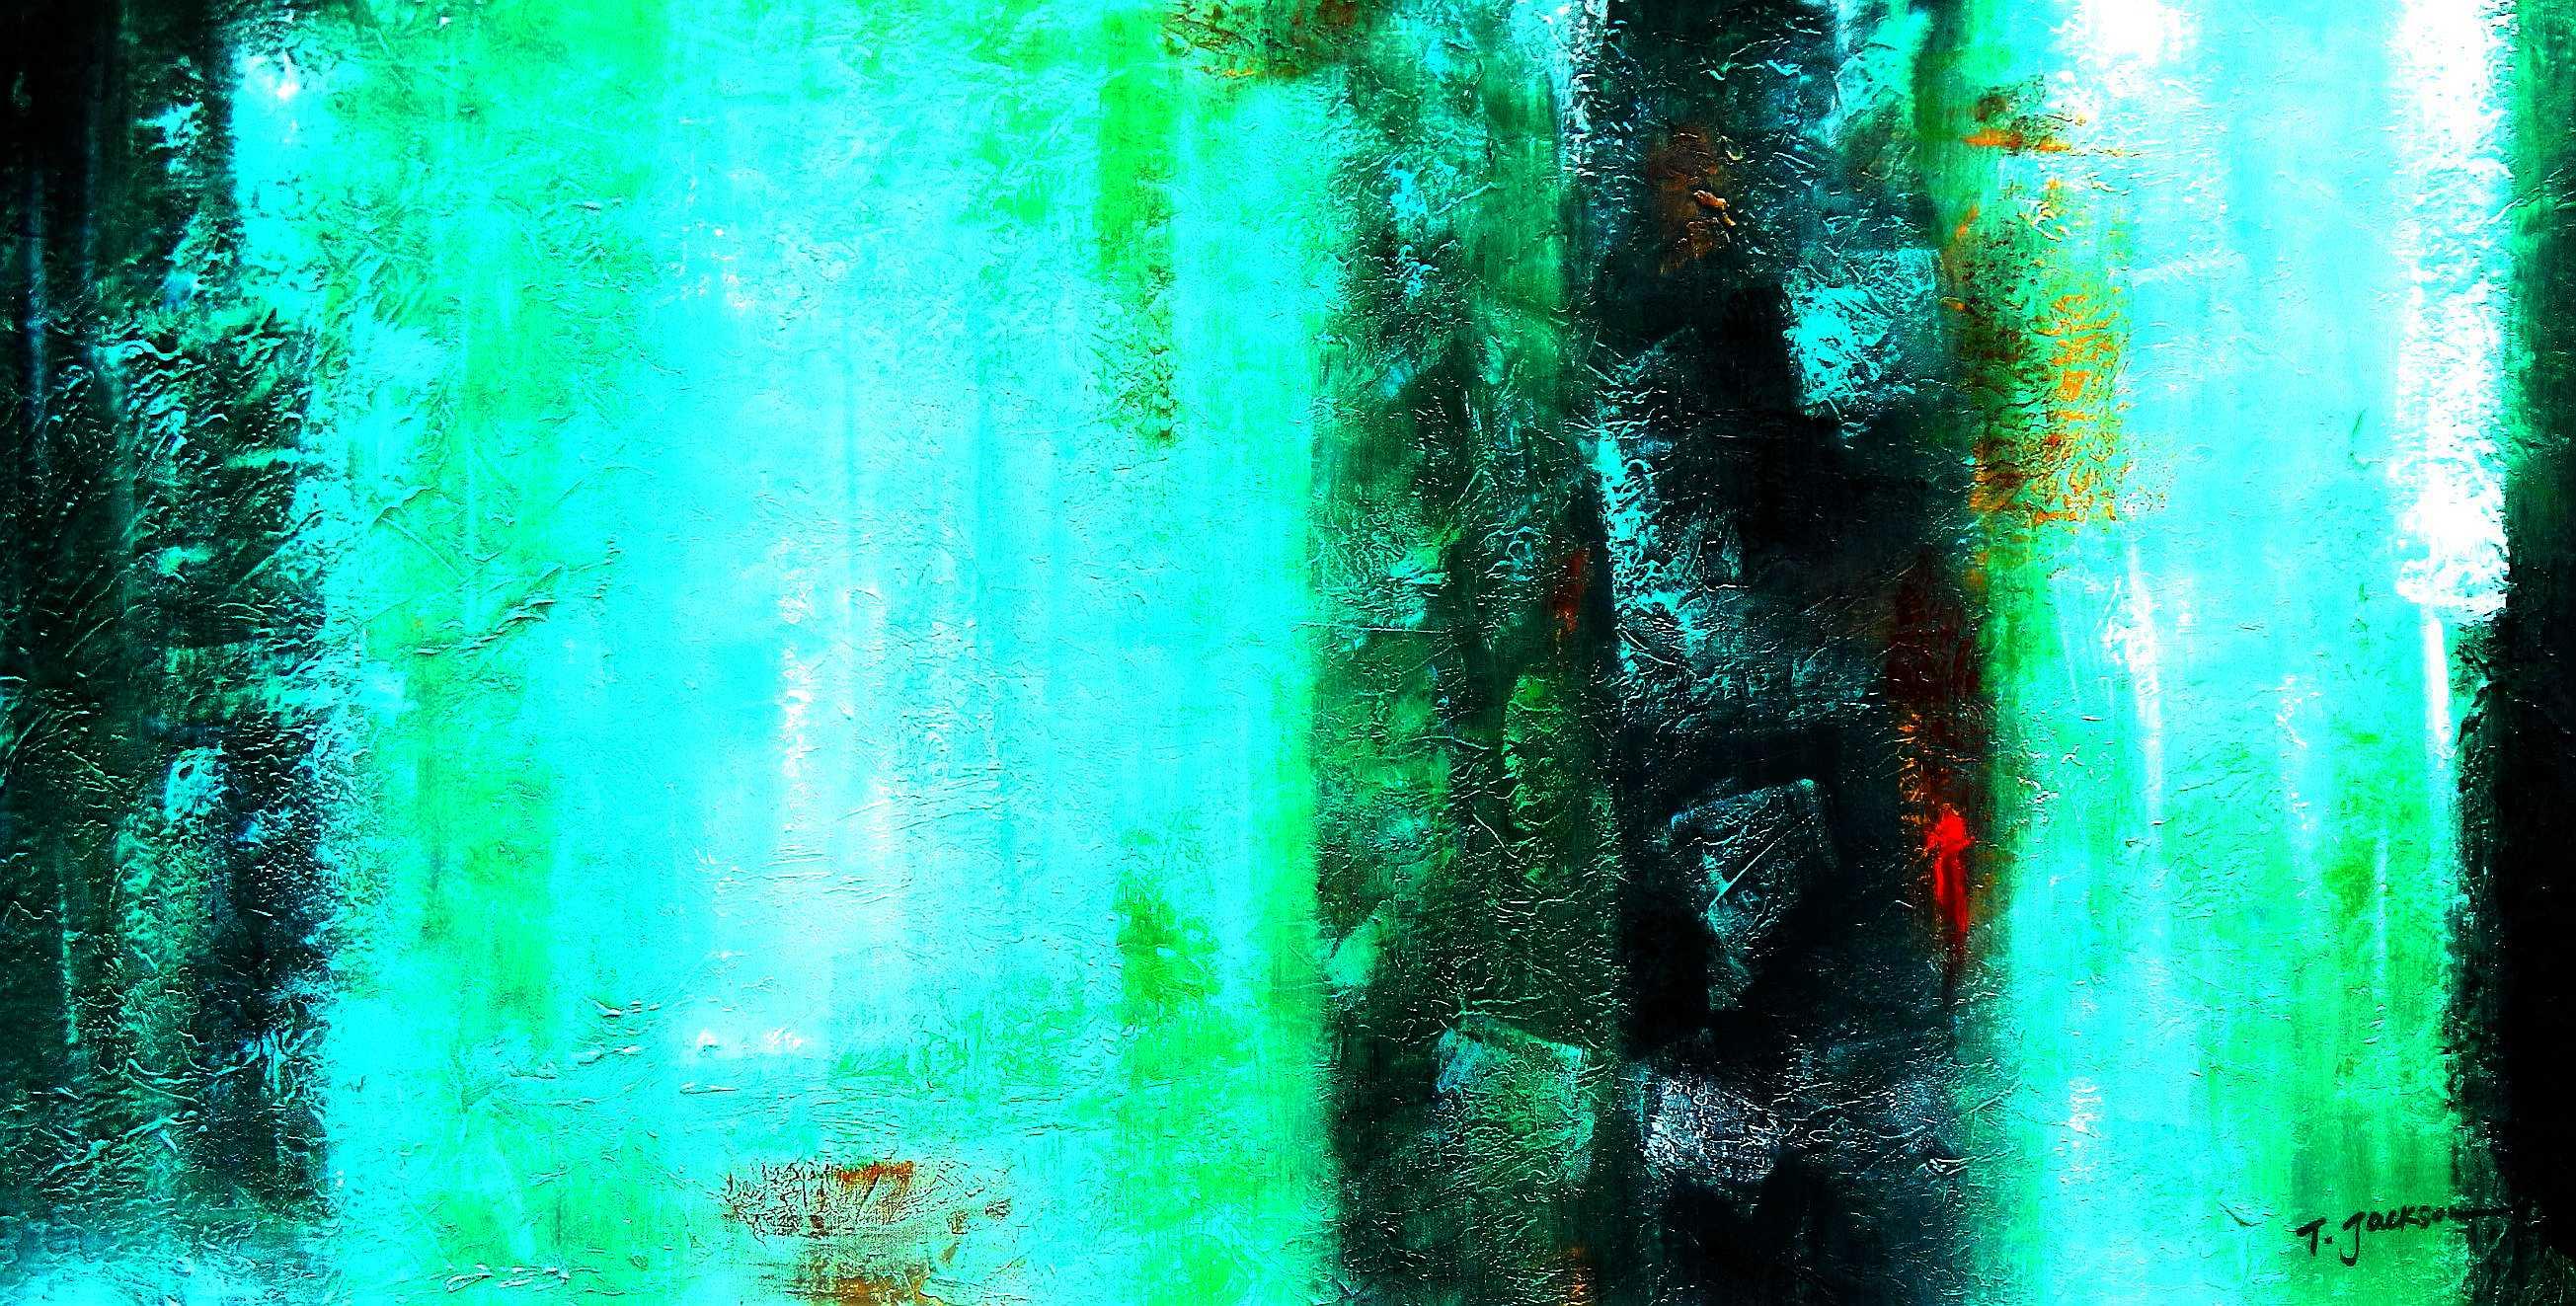 Abstract - Ireland Summer games f95857 60x120cm abstraktes Gemälde